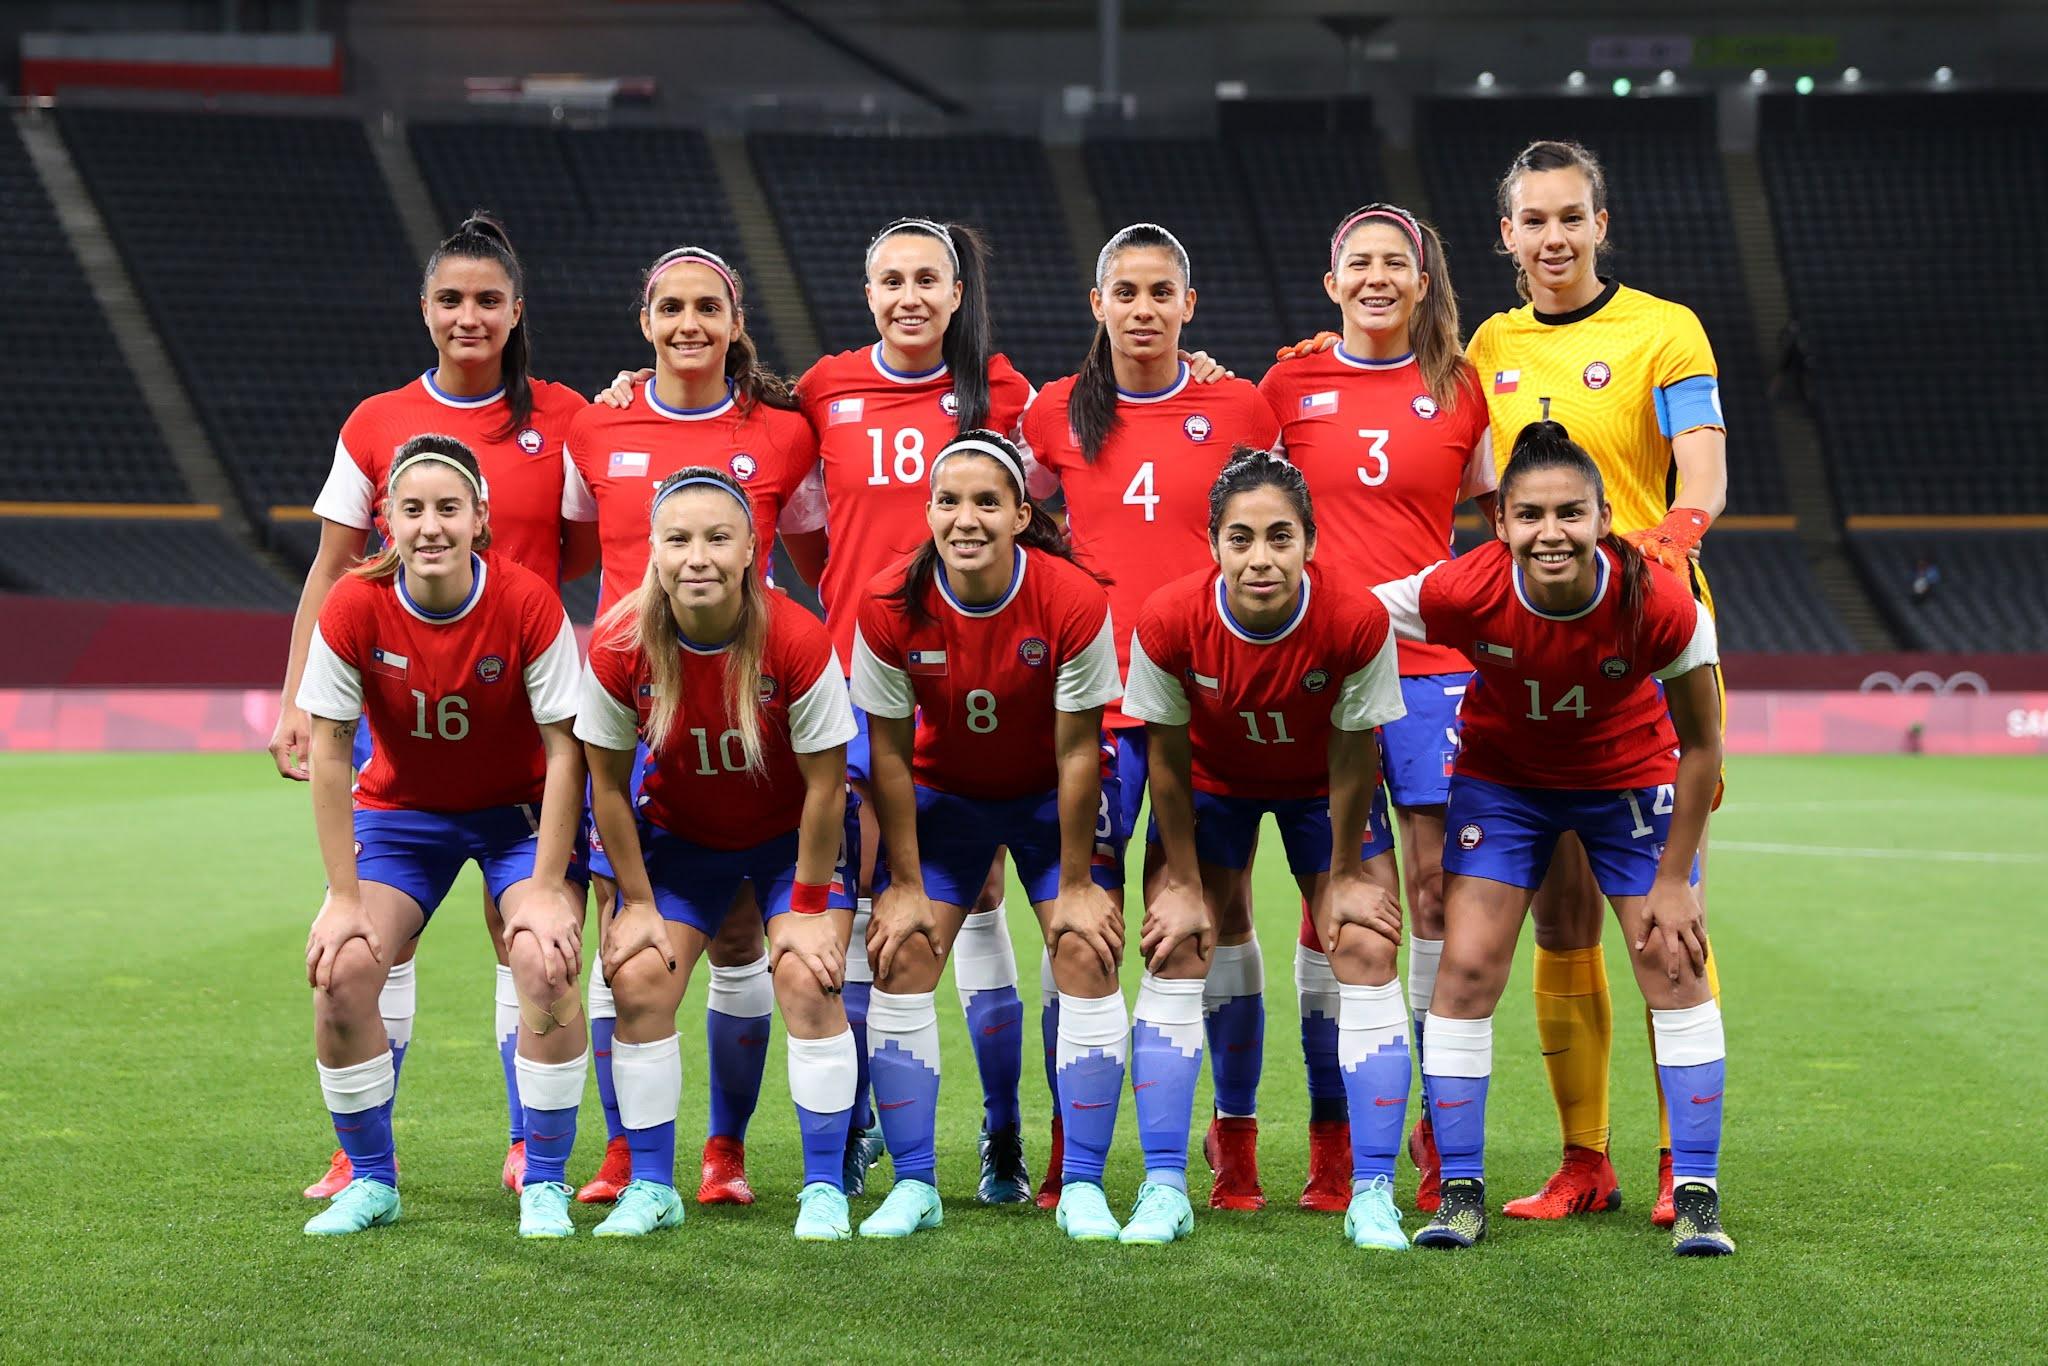 Formación de selección femenina de Chile ante Canadá, Juegos Olímpicos de Tokio 2020, 24 de julio de 2021